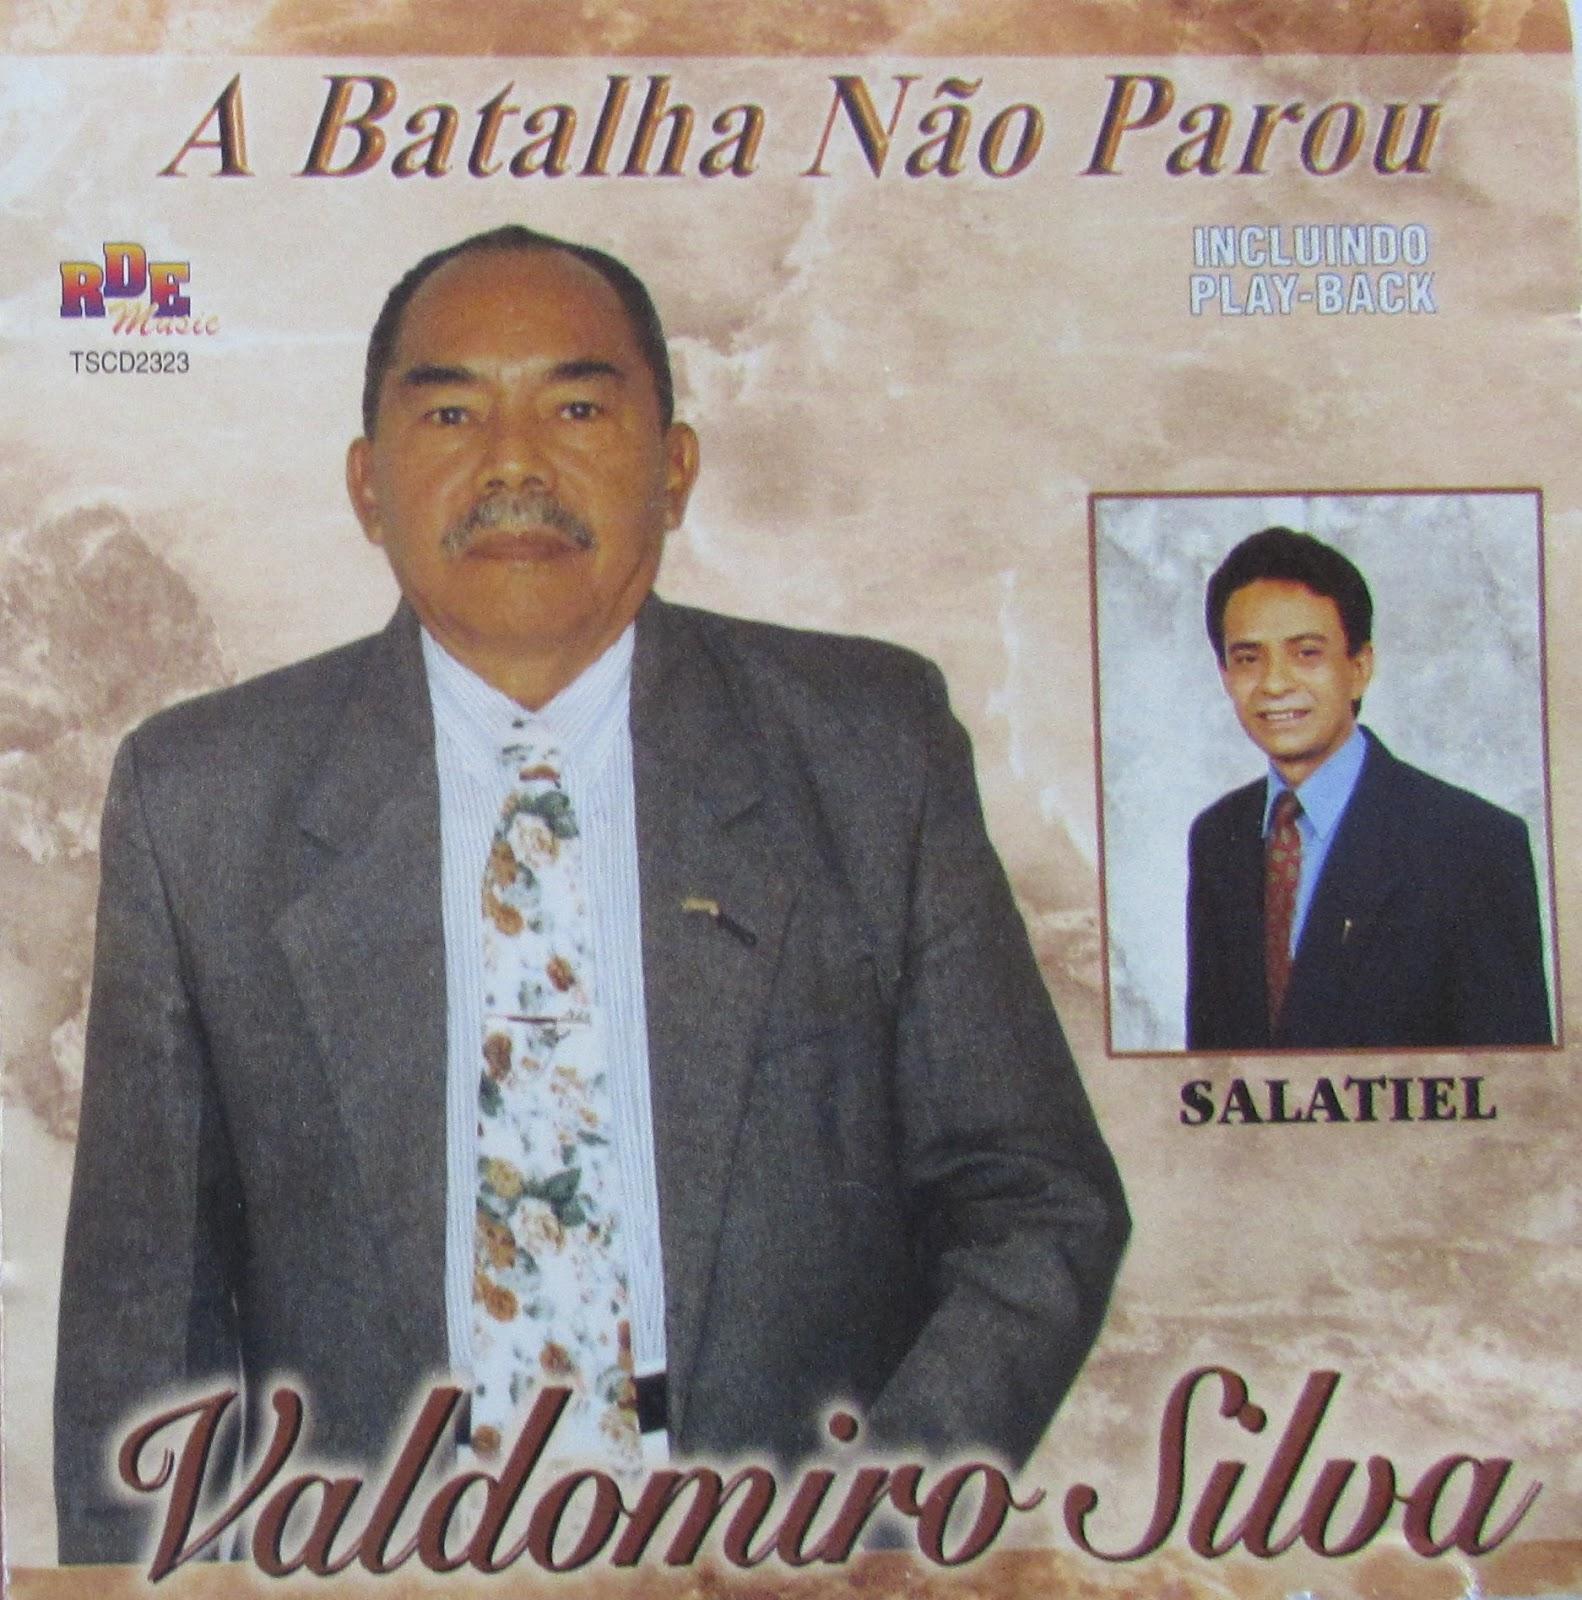 MARQUES PLAYBACK BOAS SERGIO BAIXAR MARQUINHOS E CD NOTICIAS